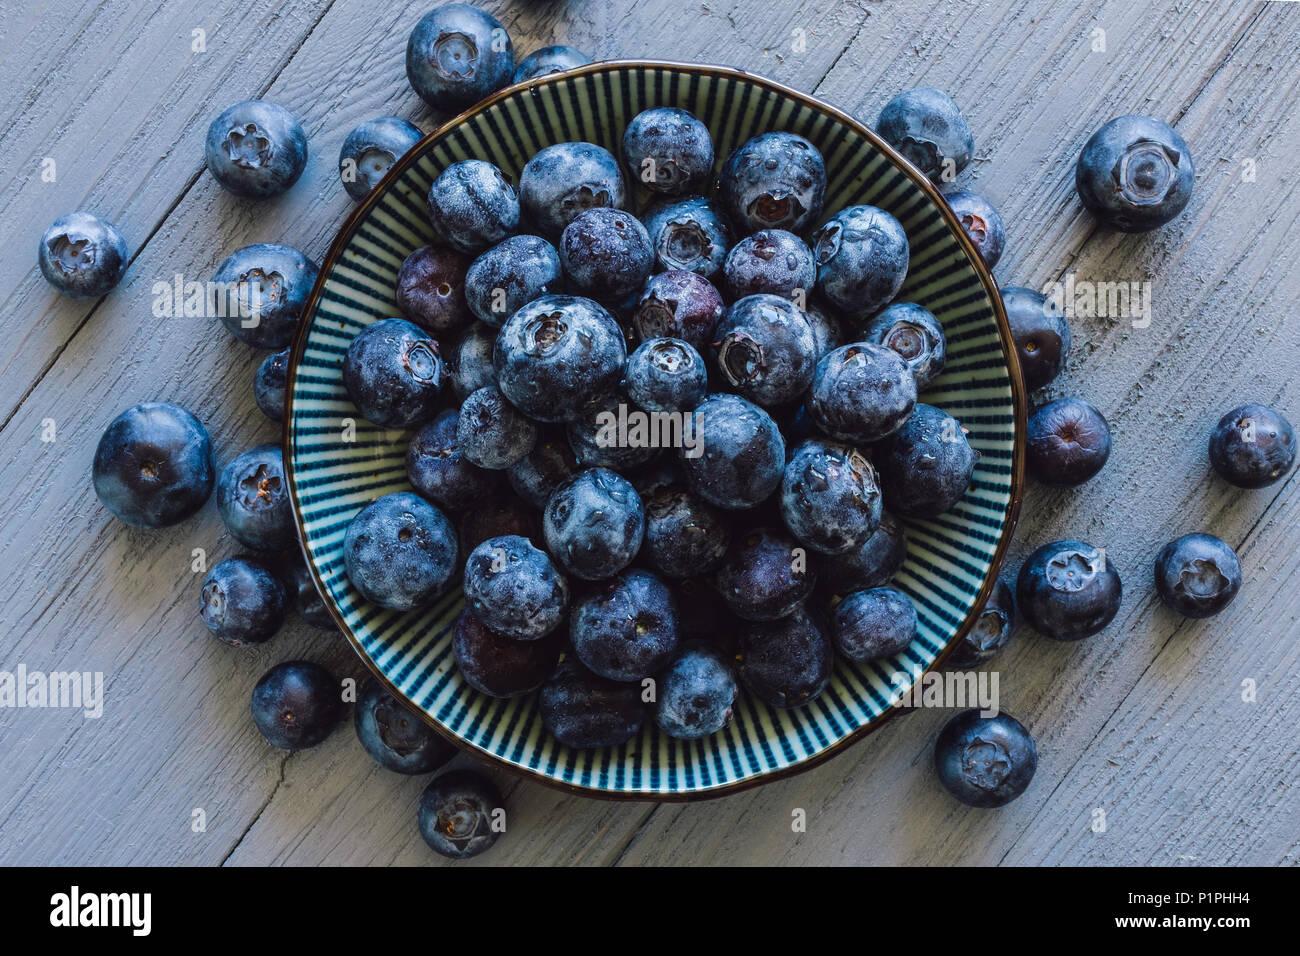 Centrato ciotola di mirtilli con acini sparsi sul tavolo blu Immagini Stock